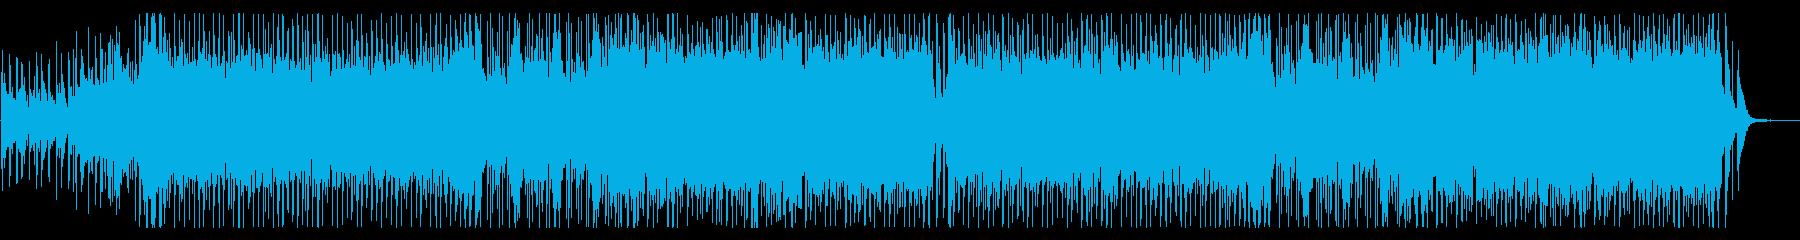 和風ロック・壮大なメロディアスバトルの再生済みの波形